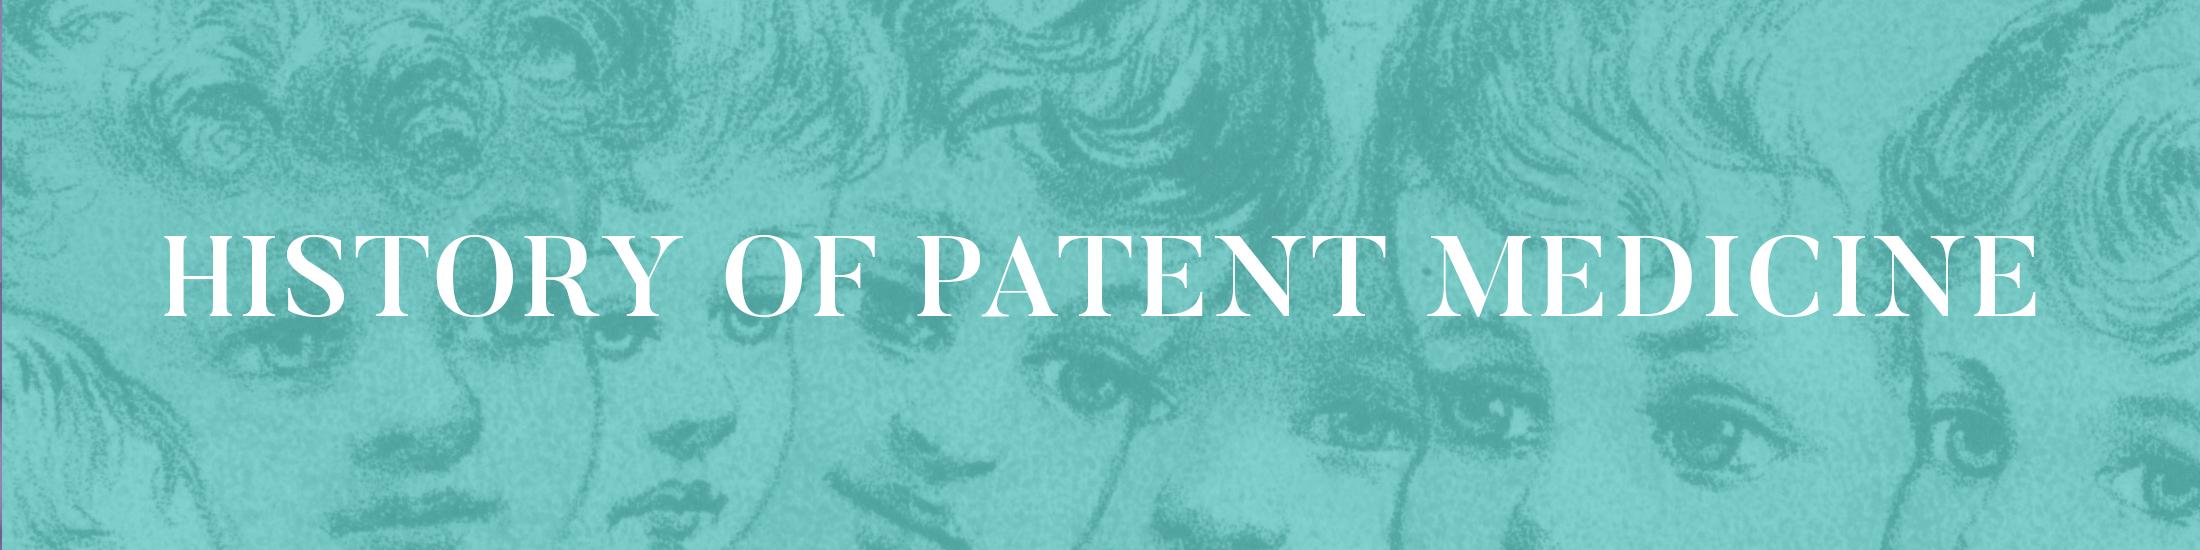 Patent Medicine digital exhibit